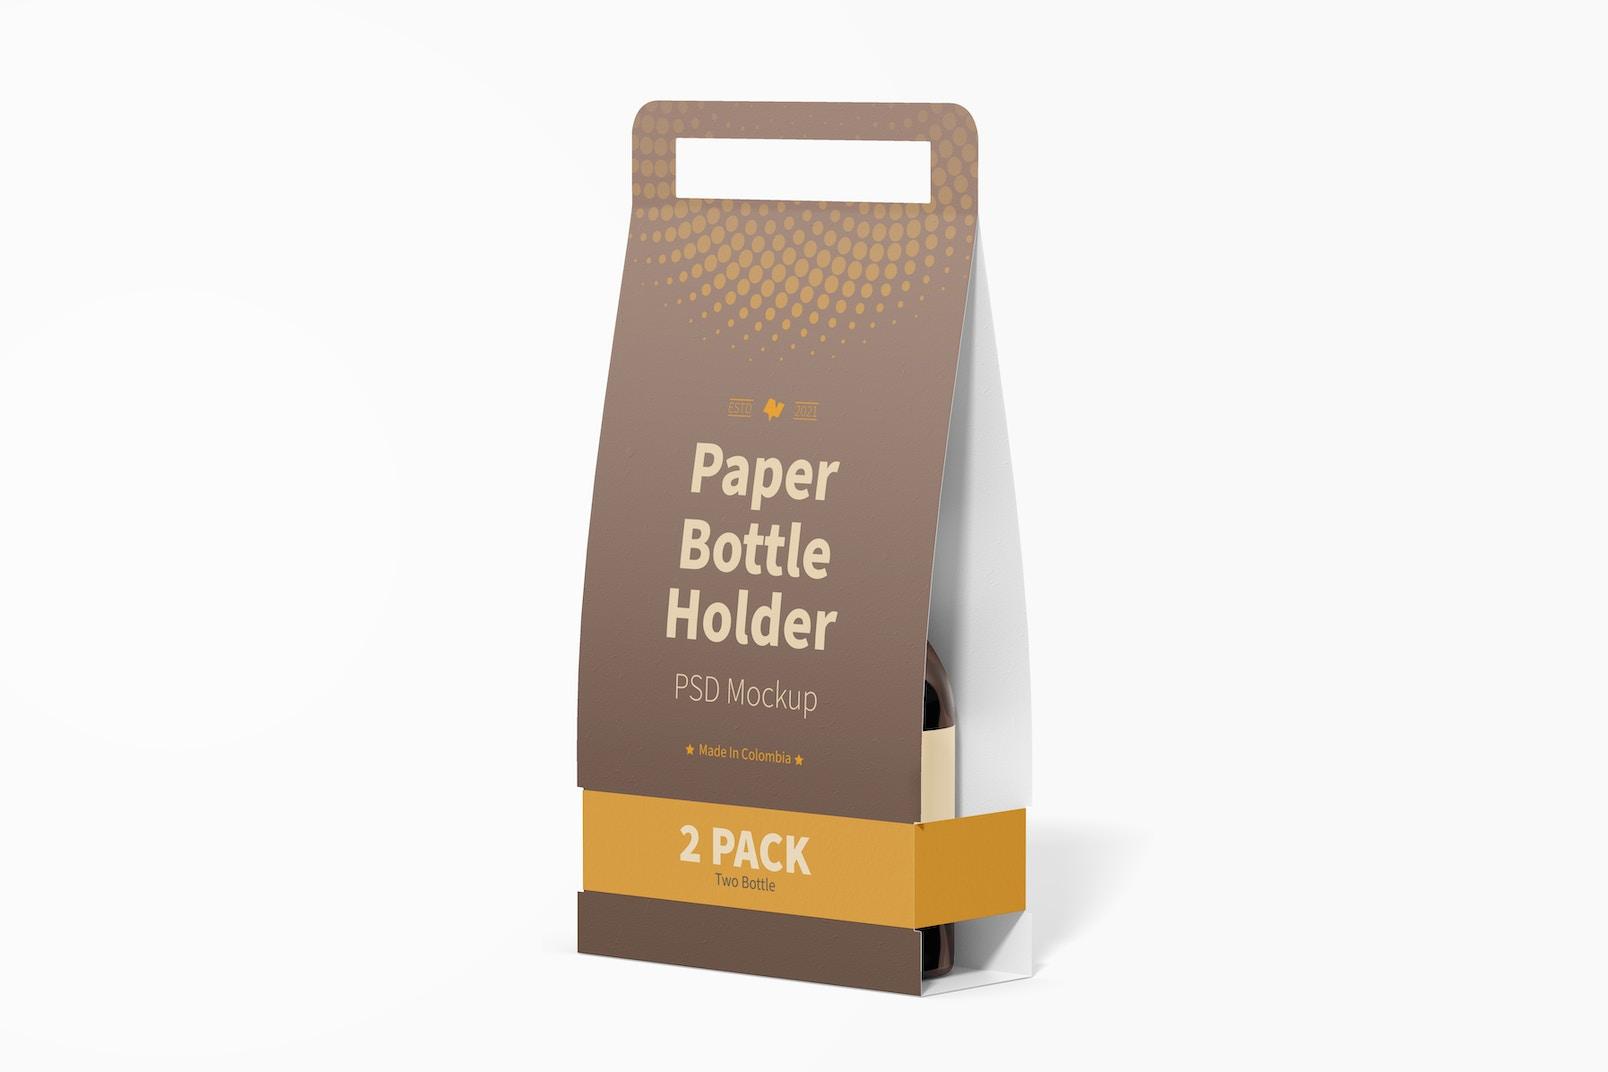 2 Pack Paper Bottle Holder Mockup